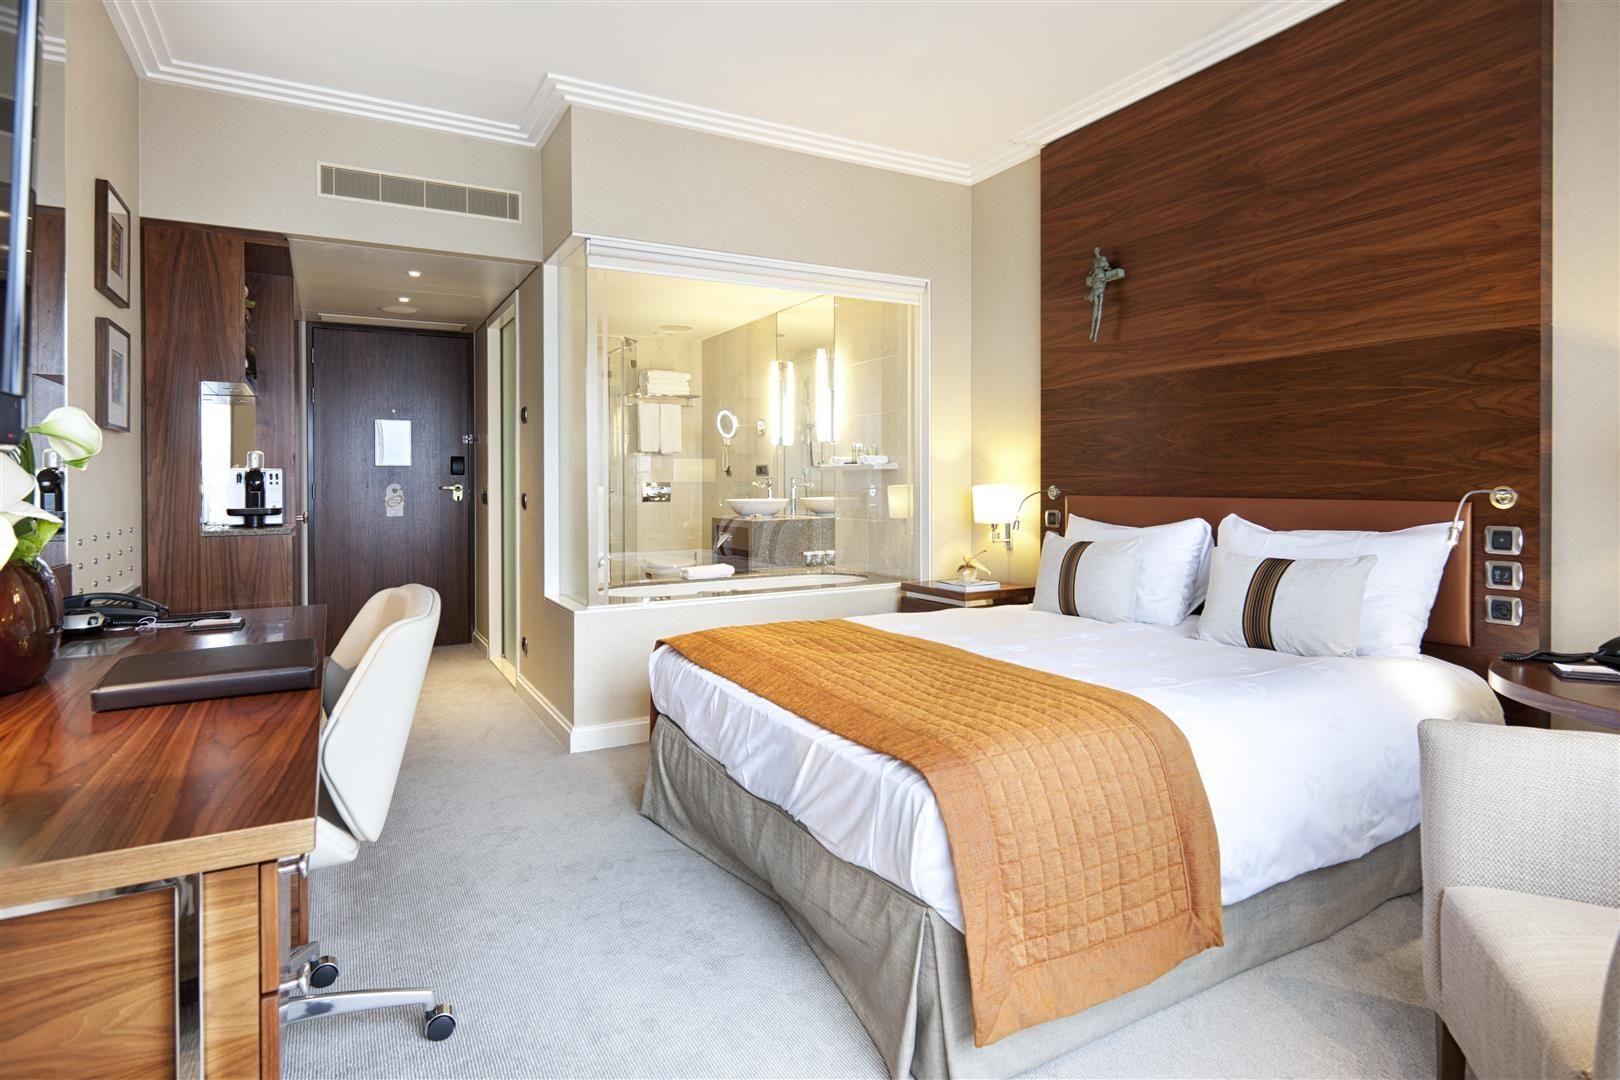 Superior Room. Hotel Okura Amsterdam